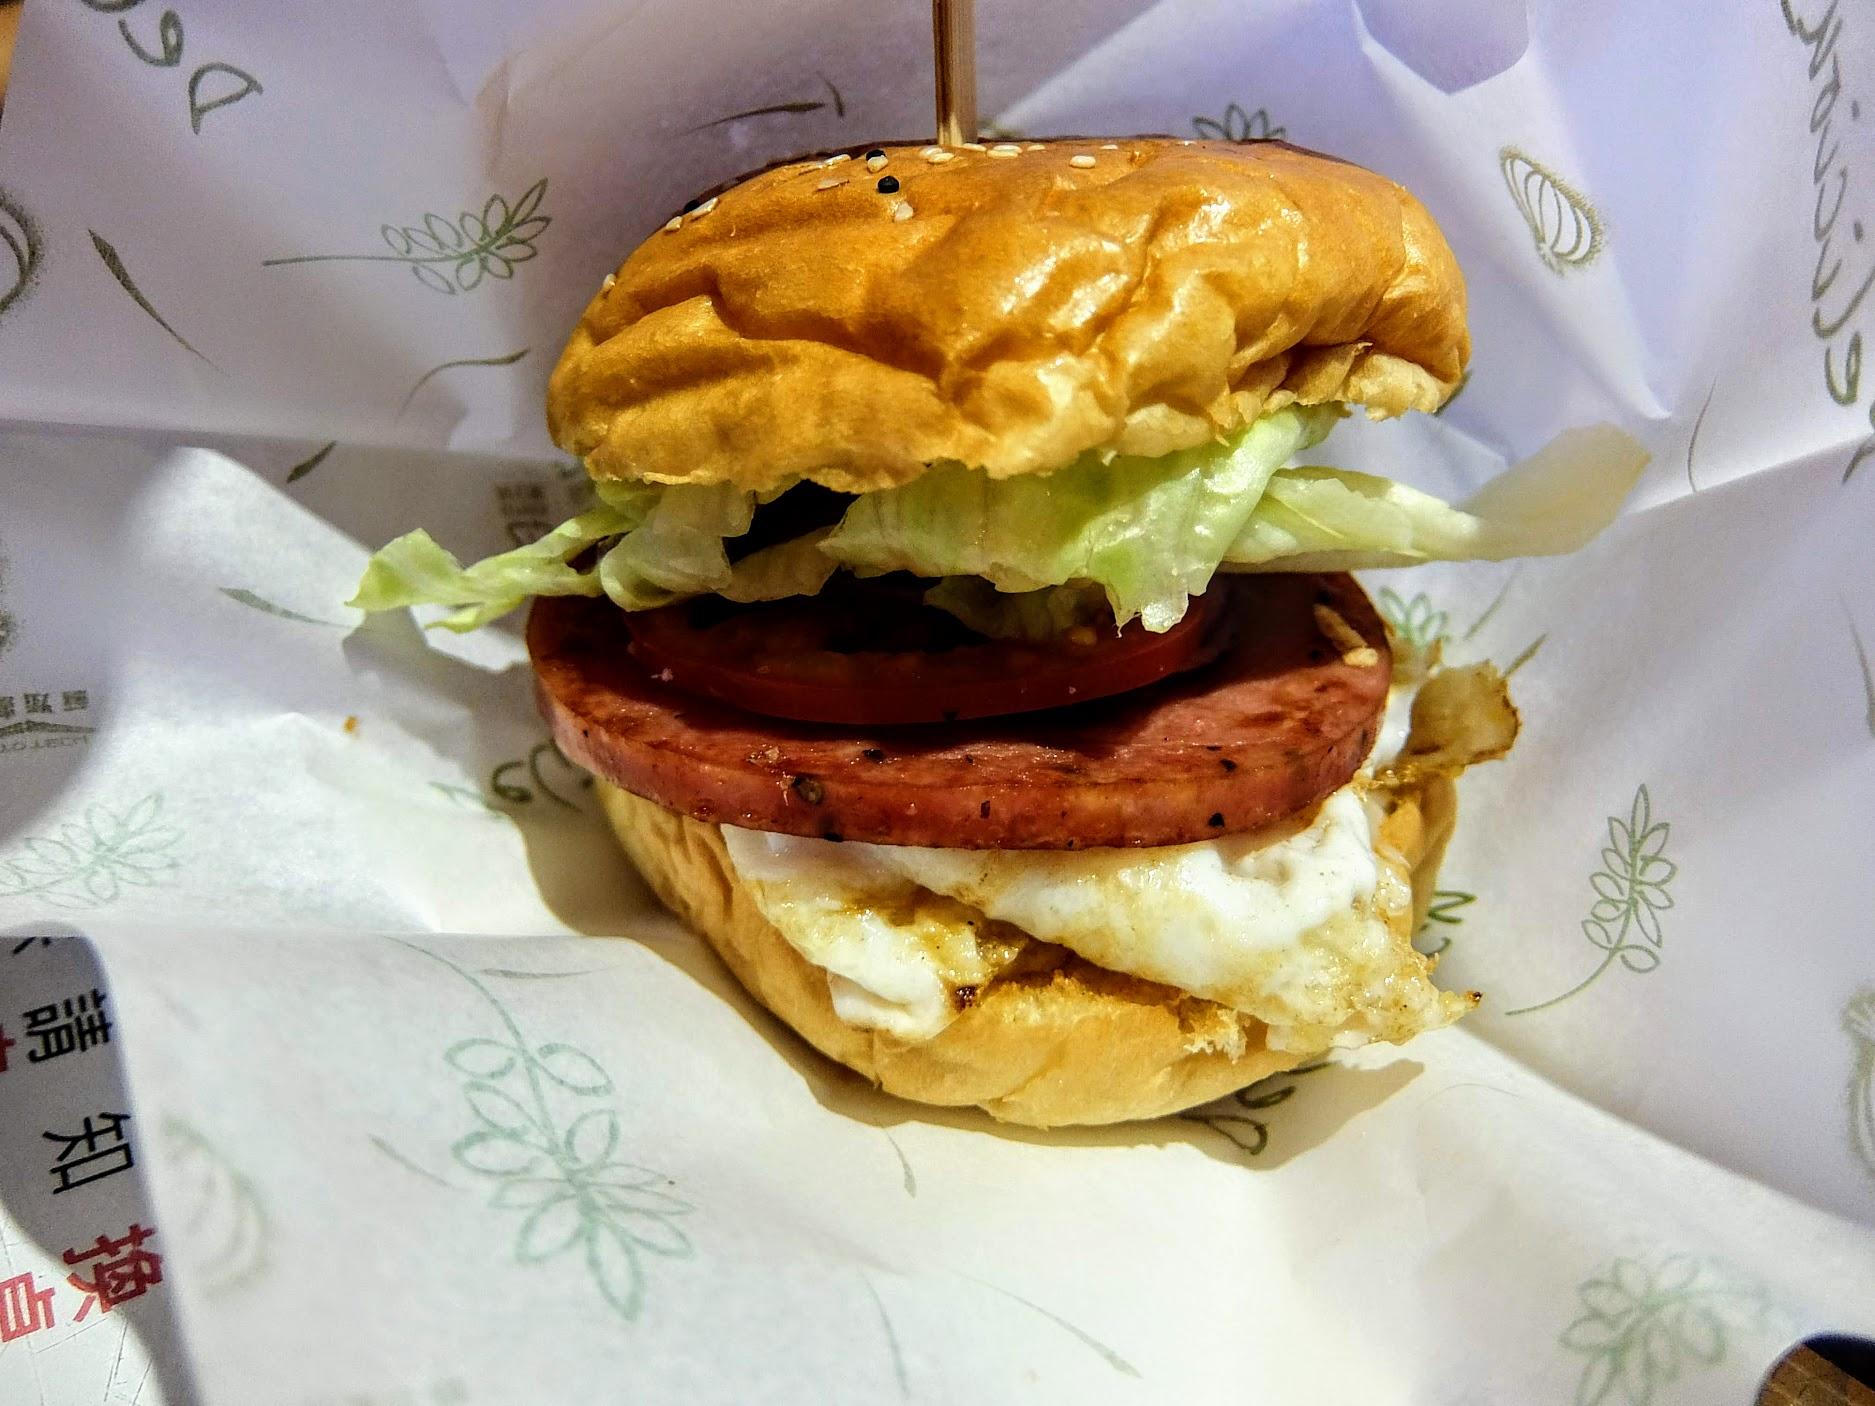 厚切火腿漢堡,中間的火腿肉片很厚實喔!